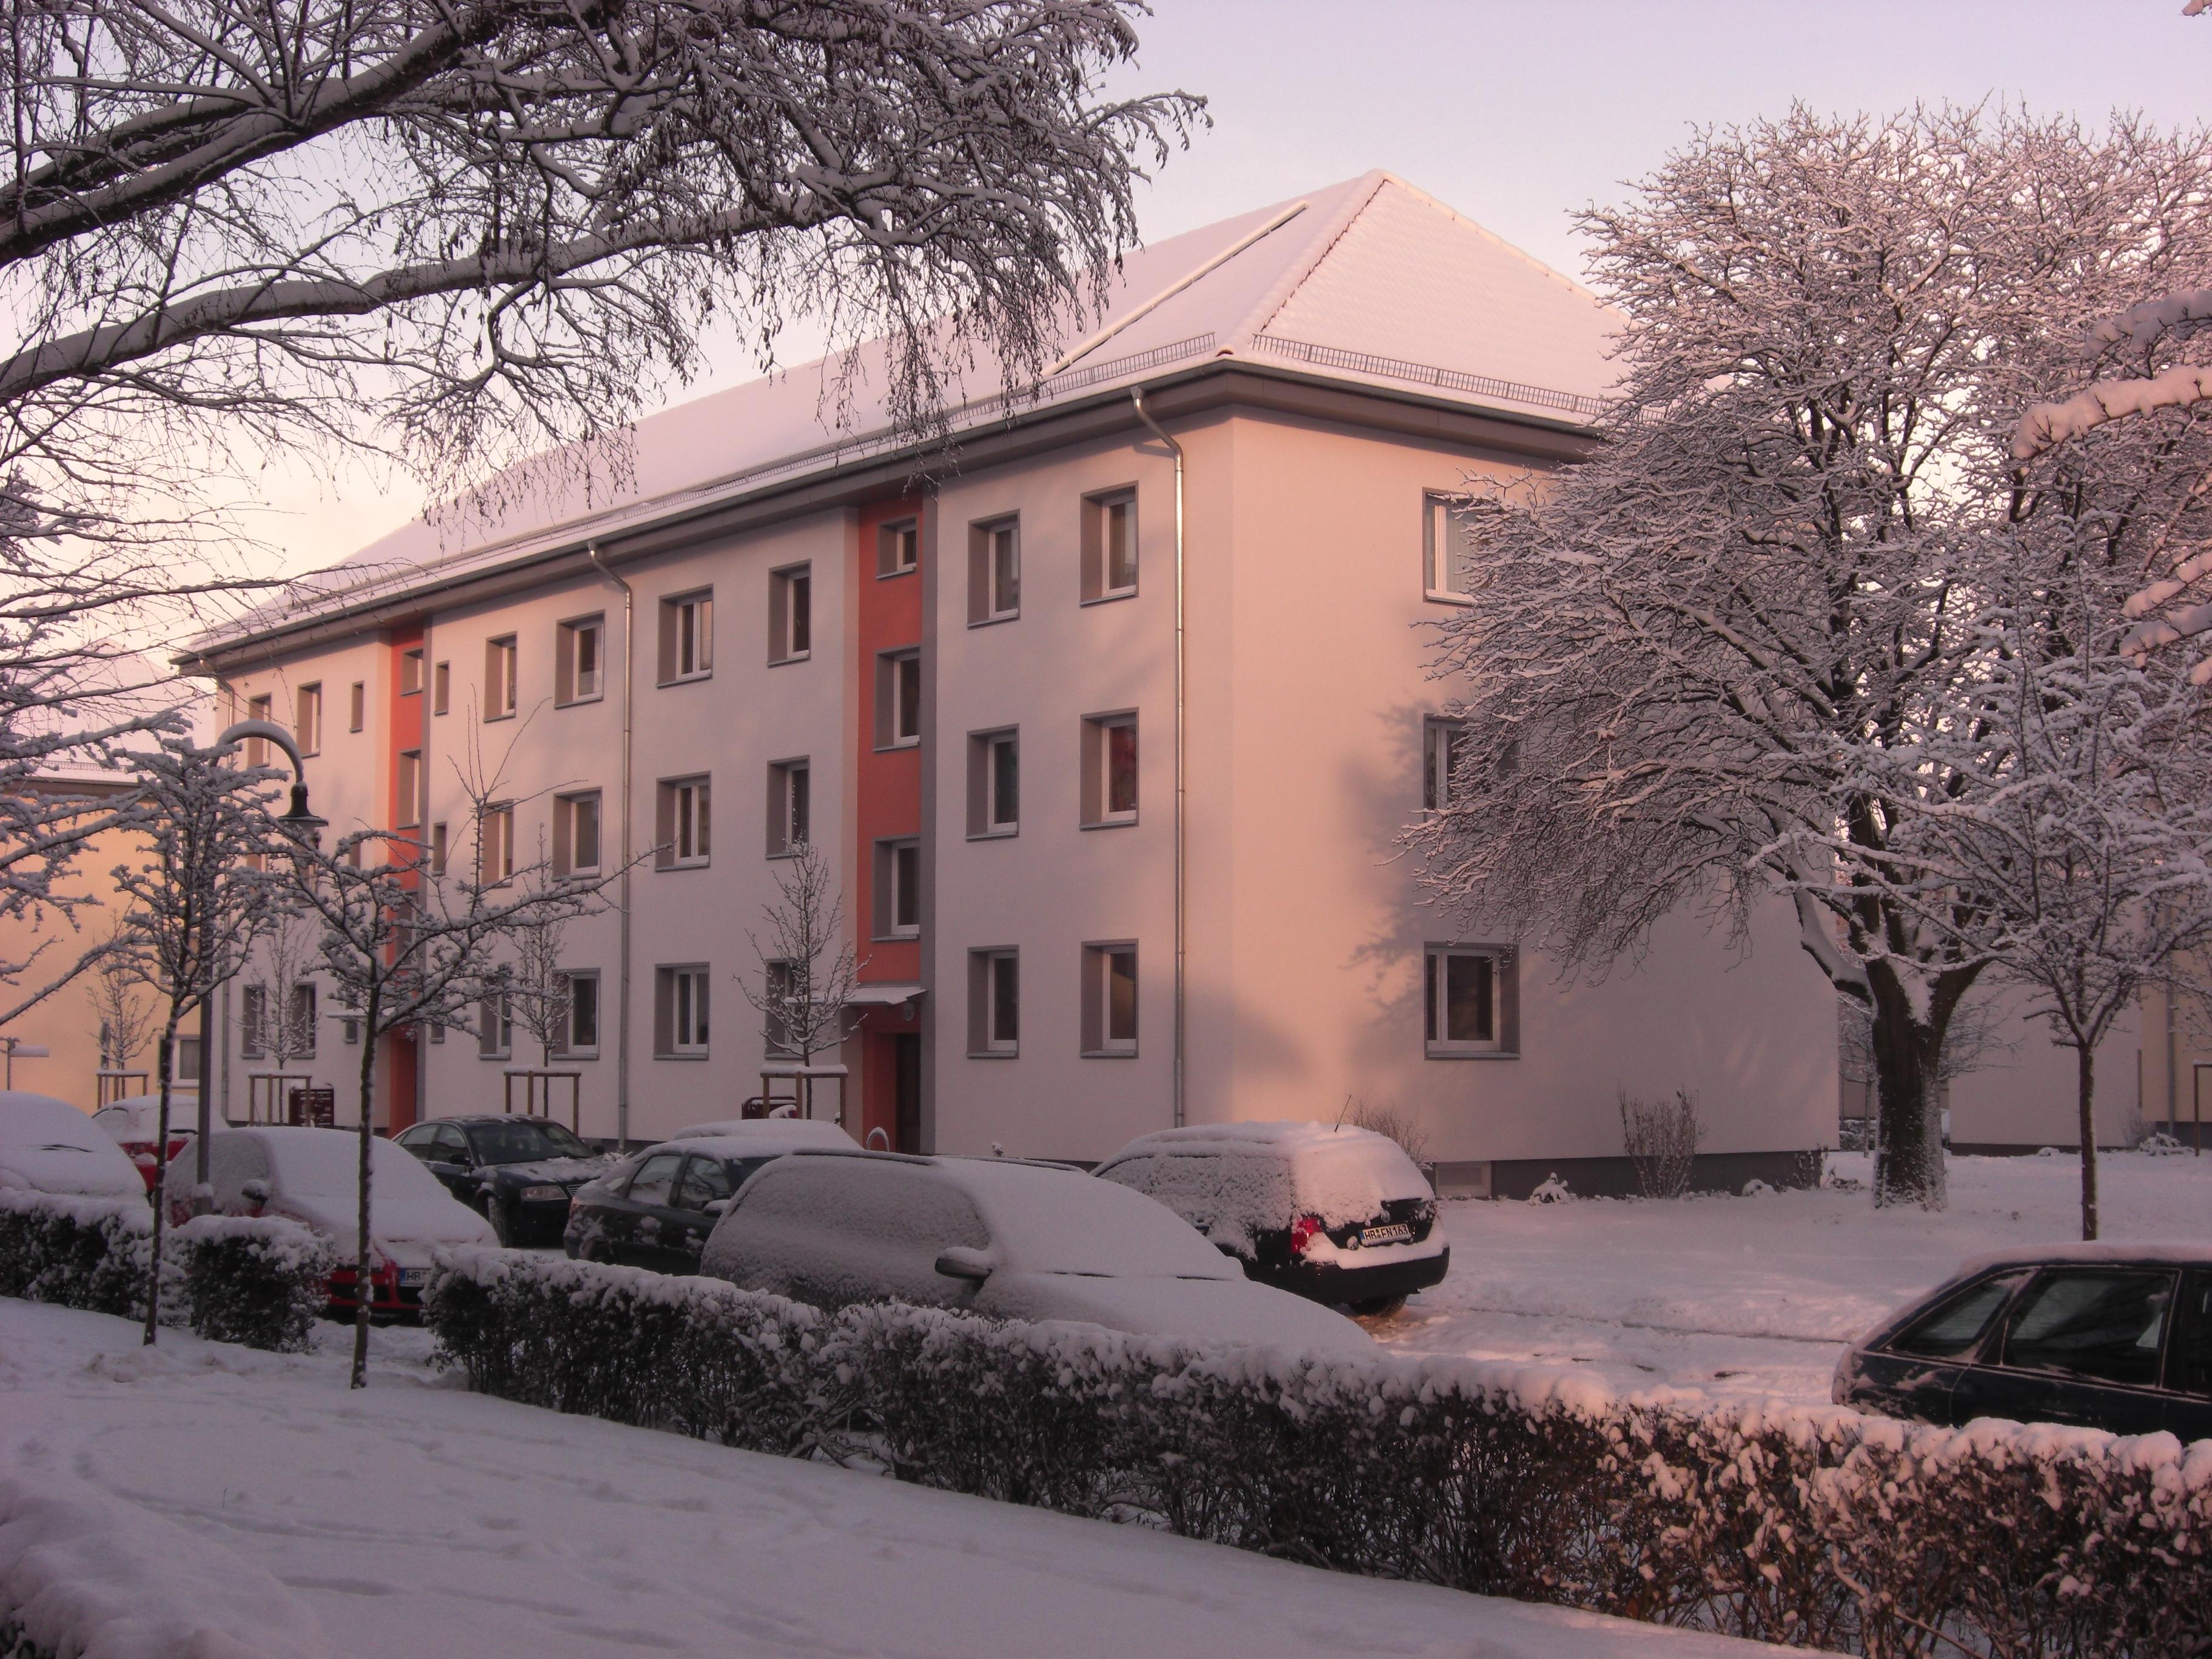 klitzenburg-97-99.JPG